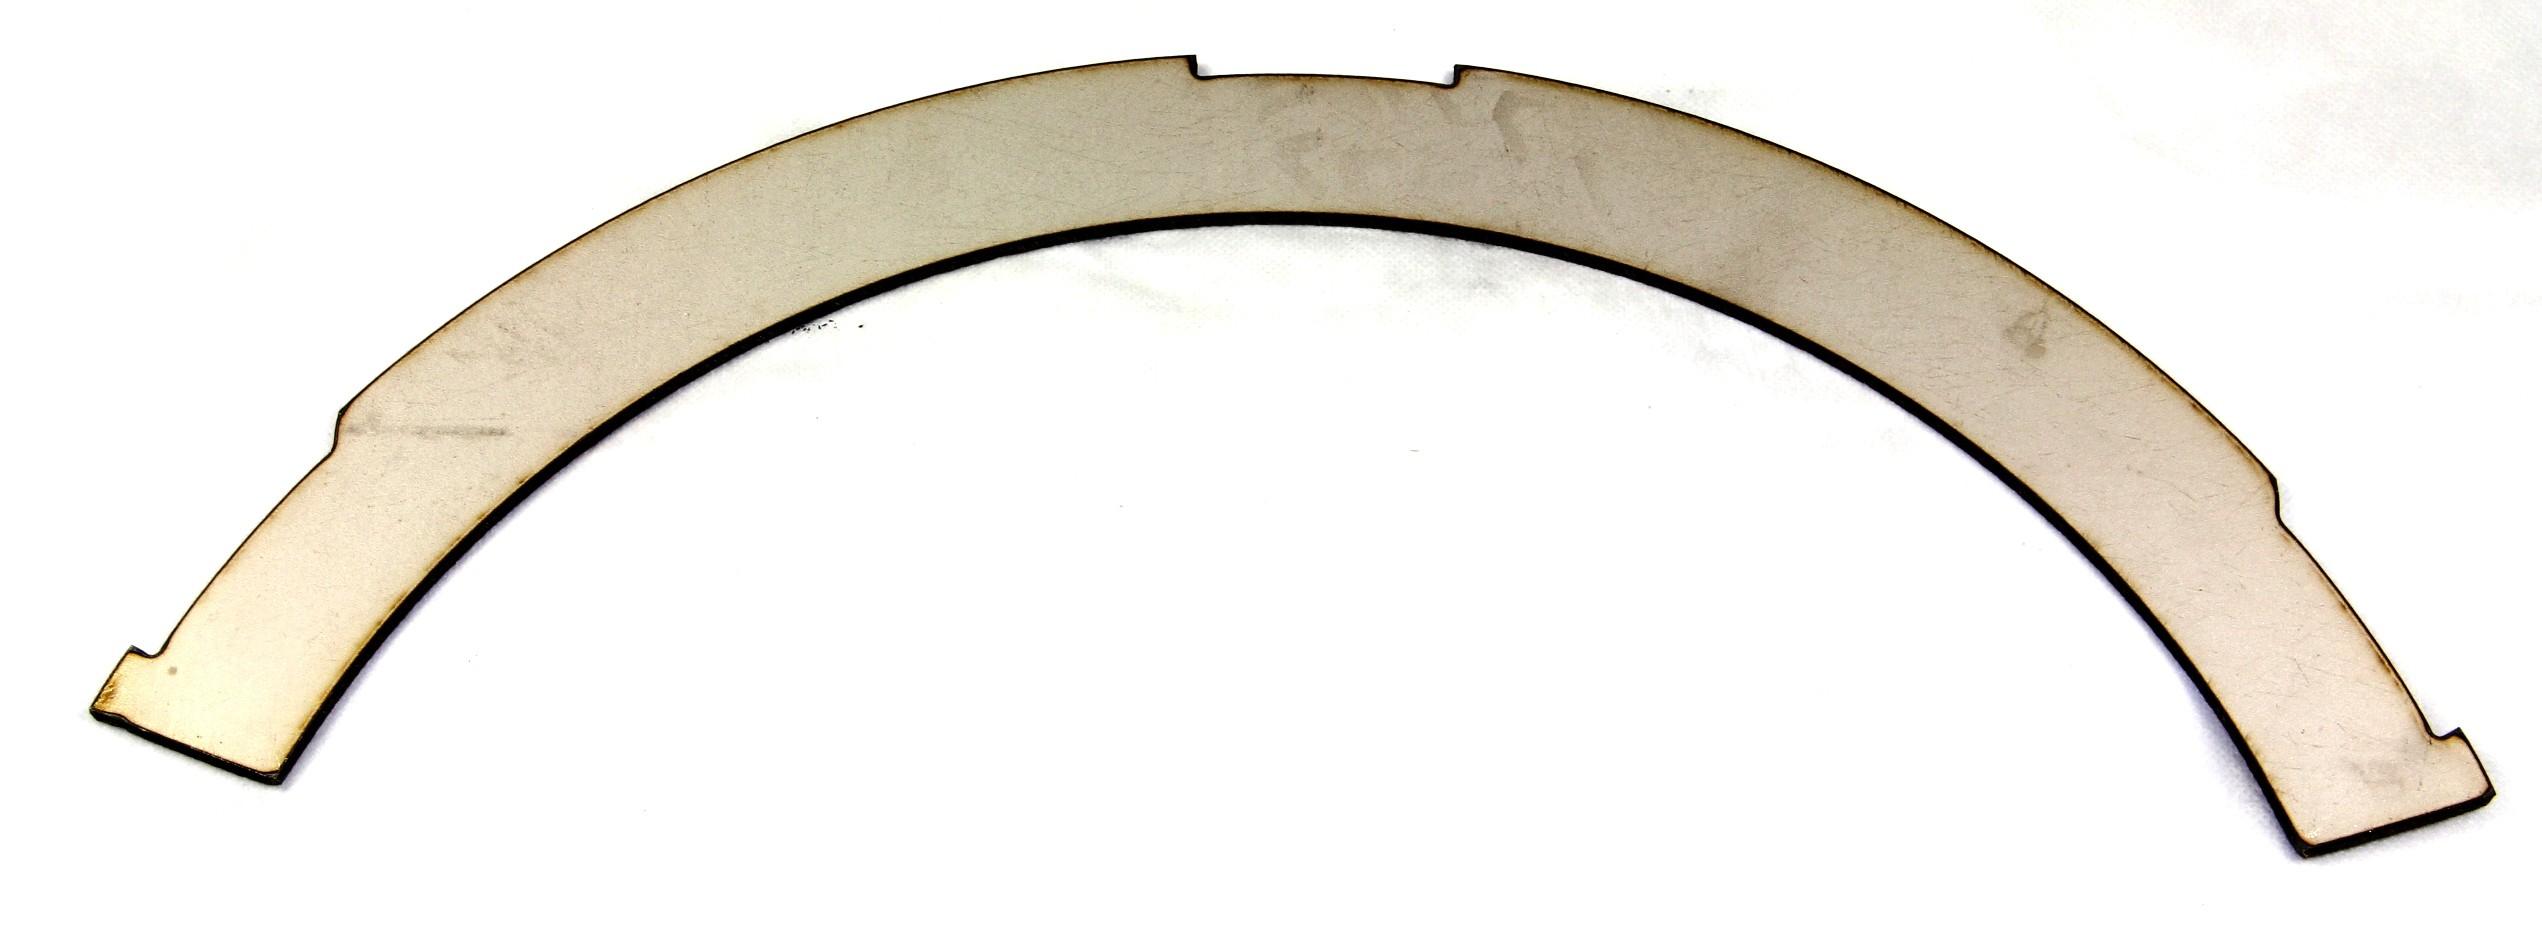 Arinan/tiilenpidätinBJ 400/500kW